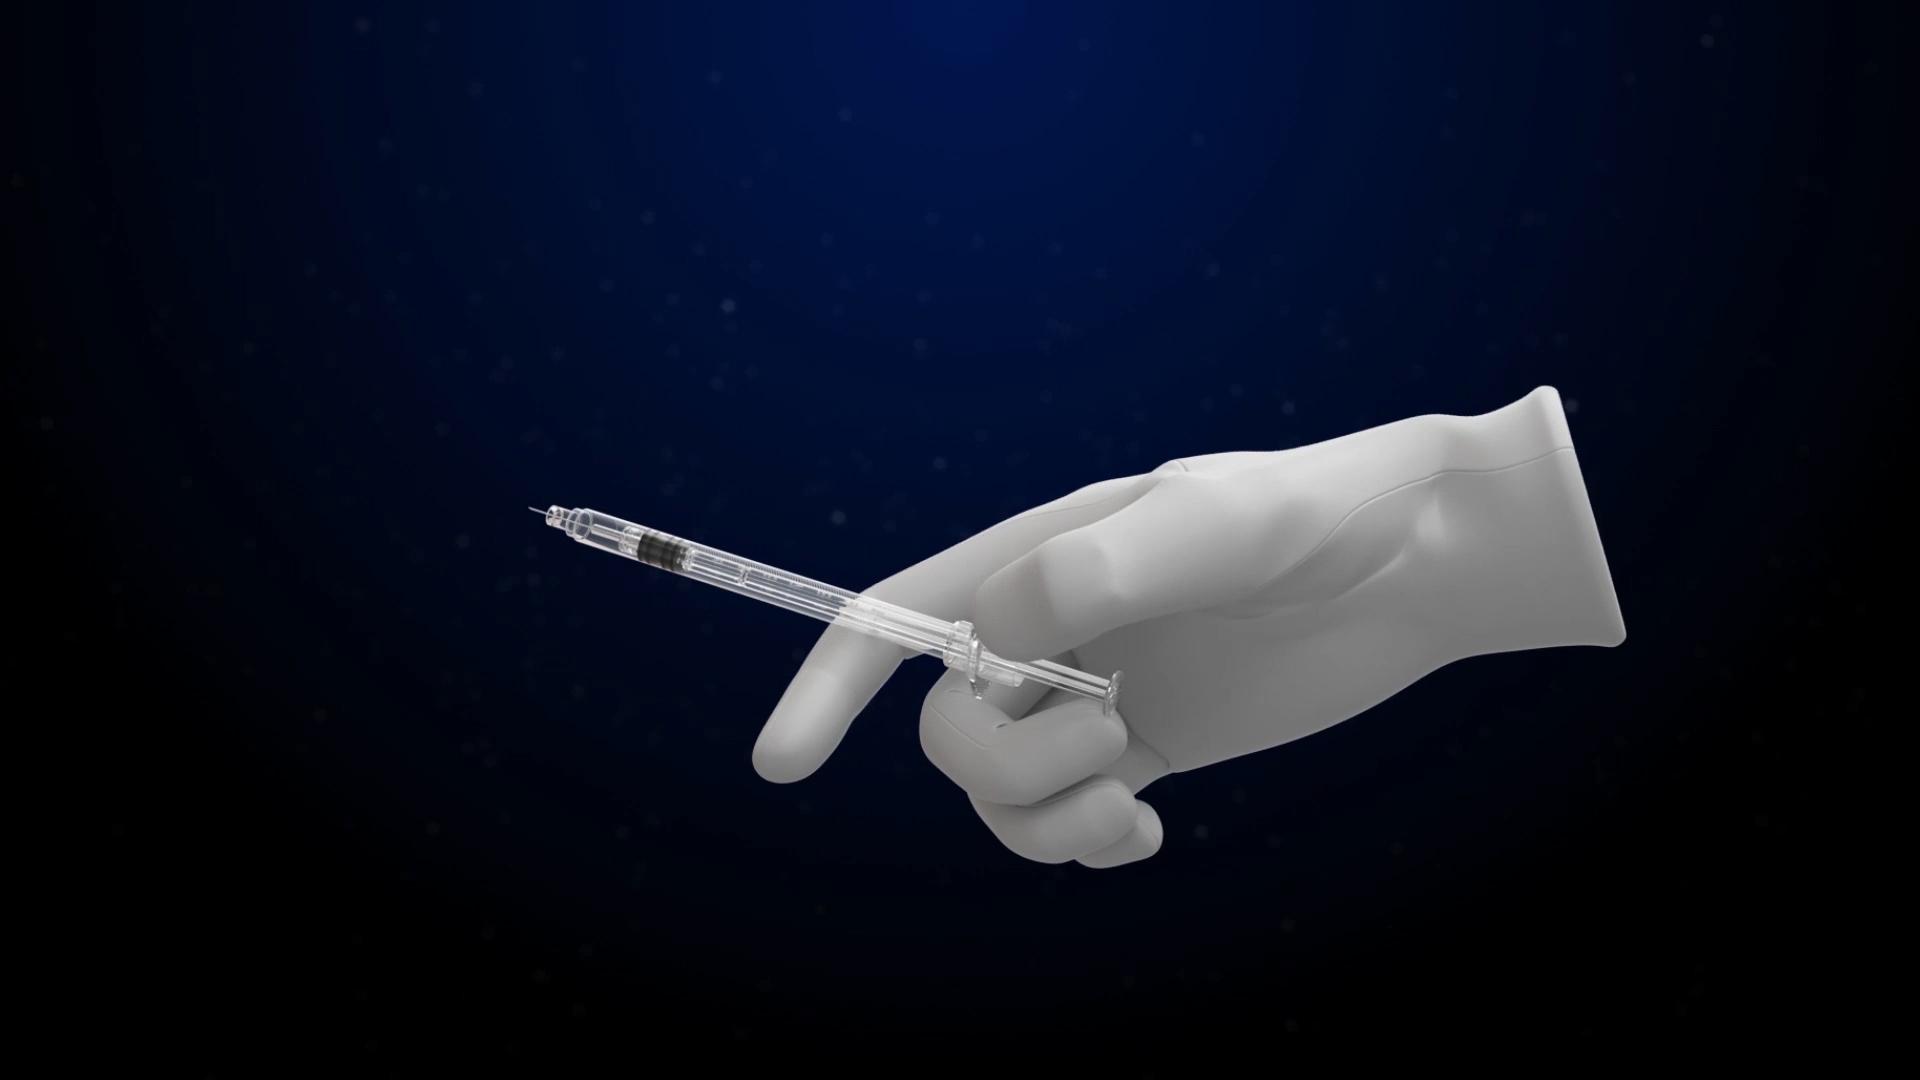 sol-millennium-hand-manipulation